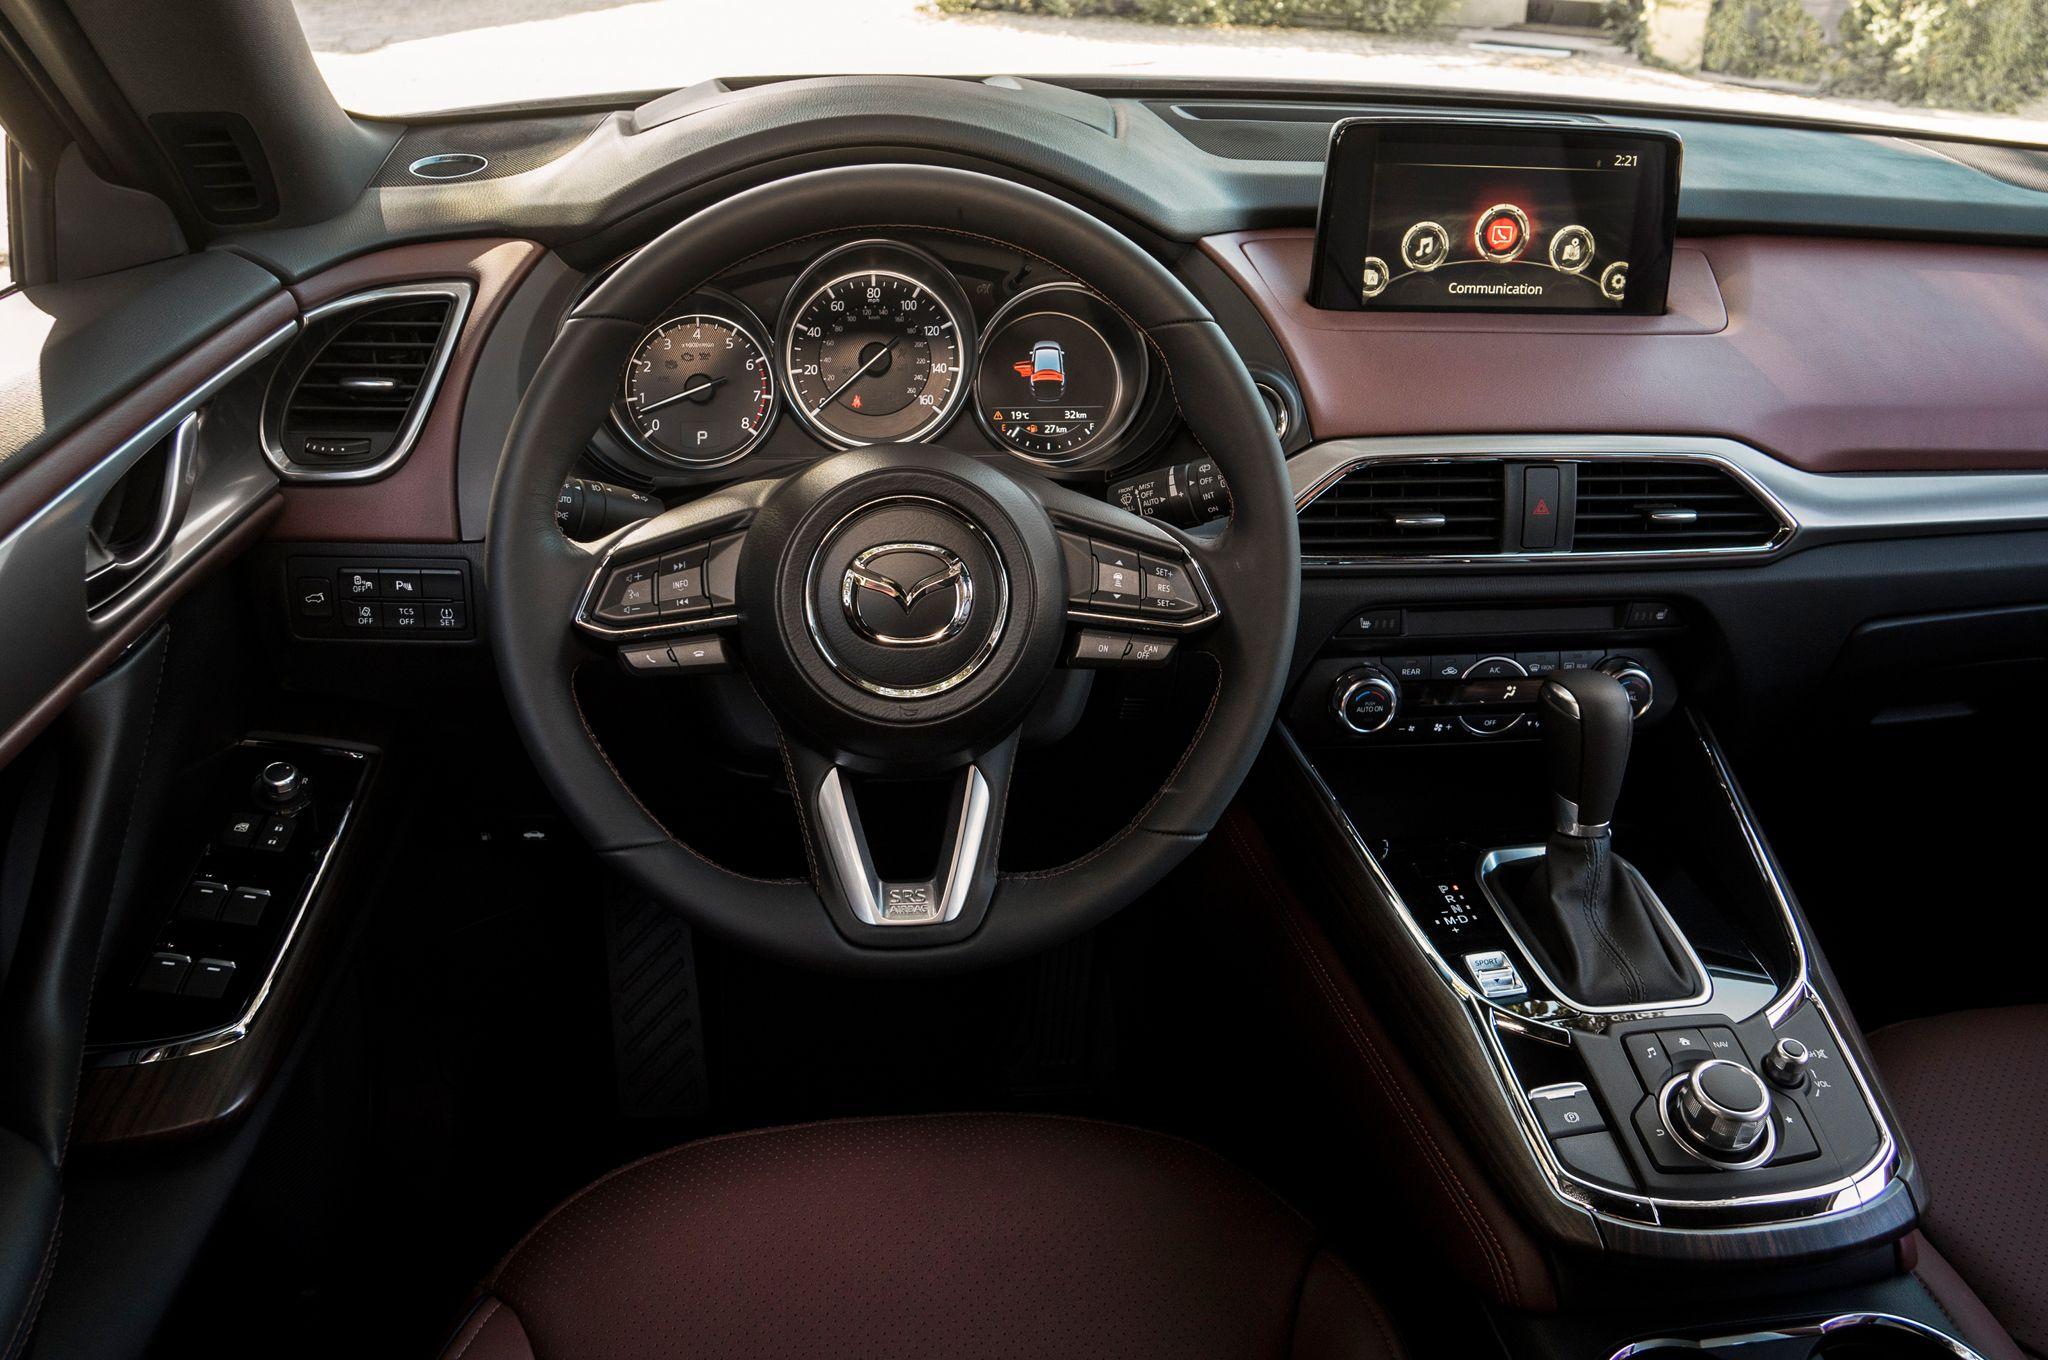 2016 Mazda Cx 9 Prototype First Drive Review Mazda Cx 9 Mazda